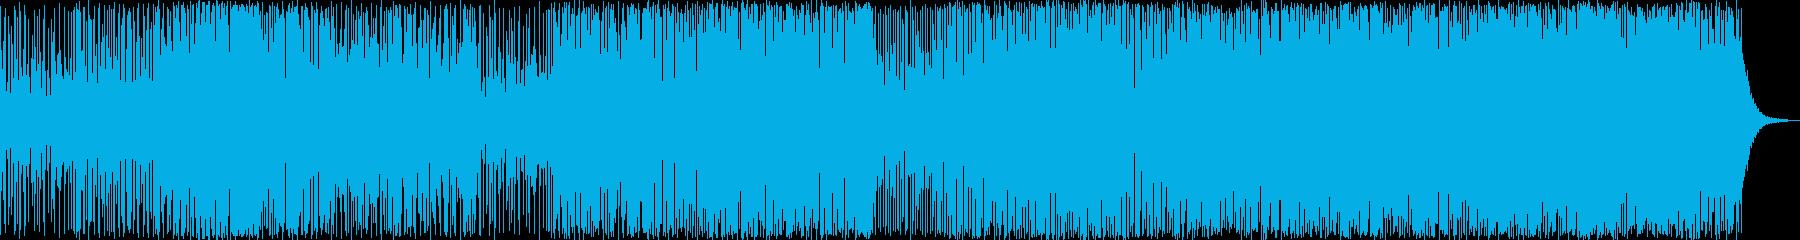 ポップ センチメンタル 感情的 ア...の再生済みの波形